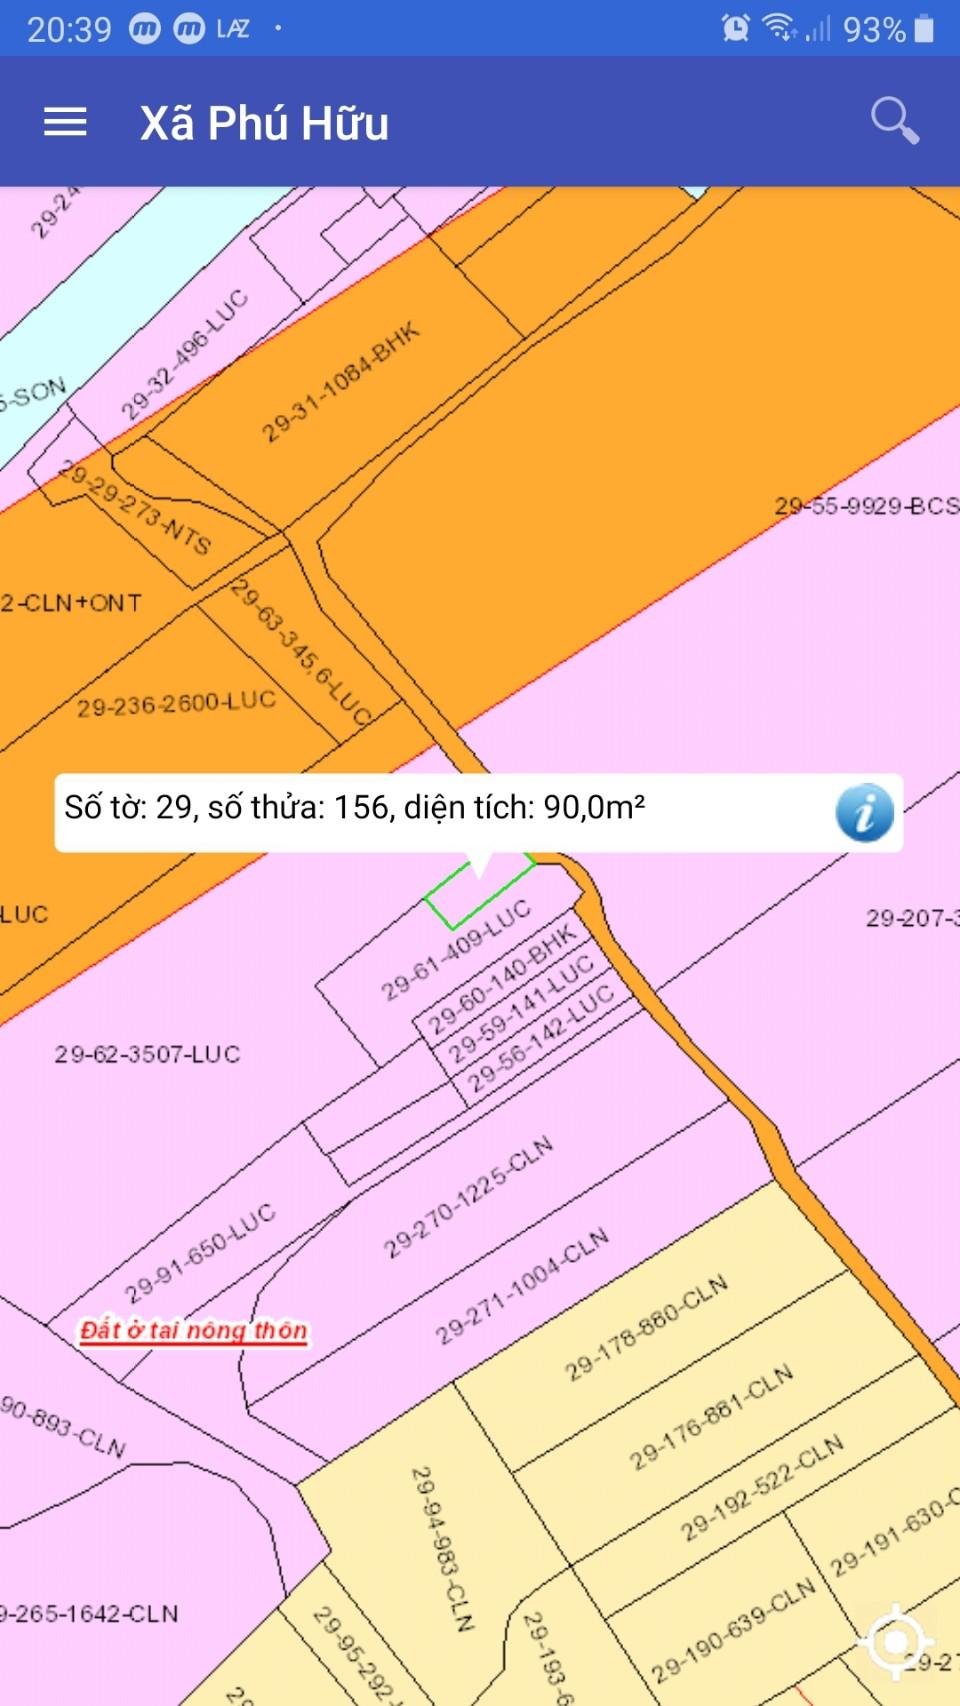 Nhà 90 m2 cấp 4 xã Phú Hữu giá 1.63 tỷ!